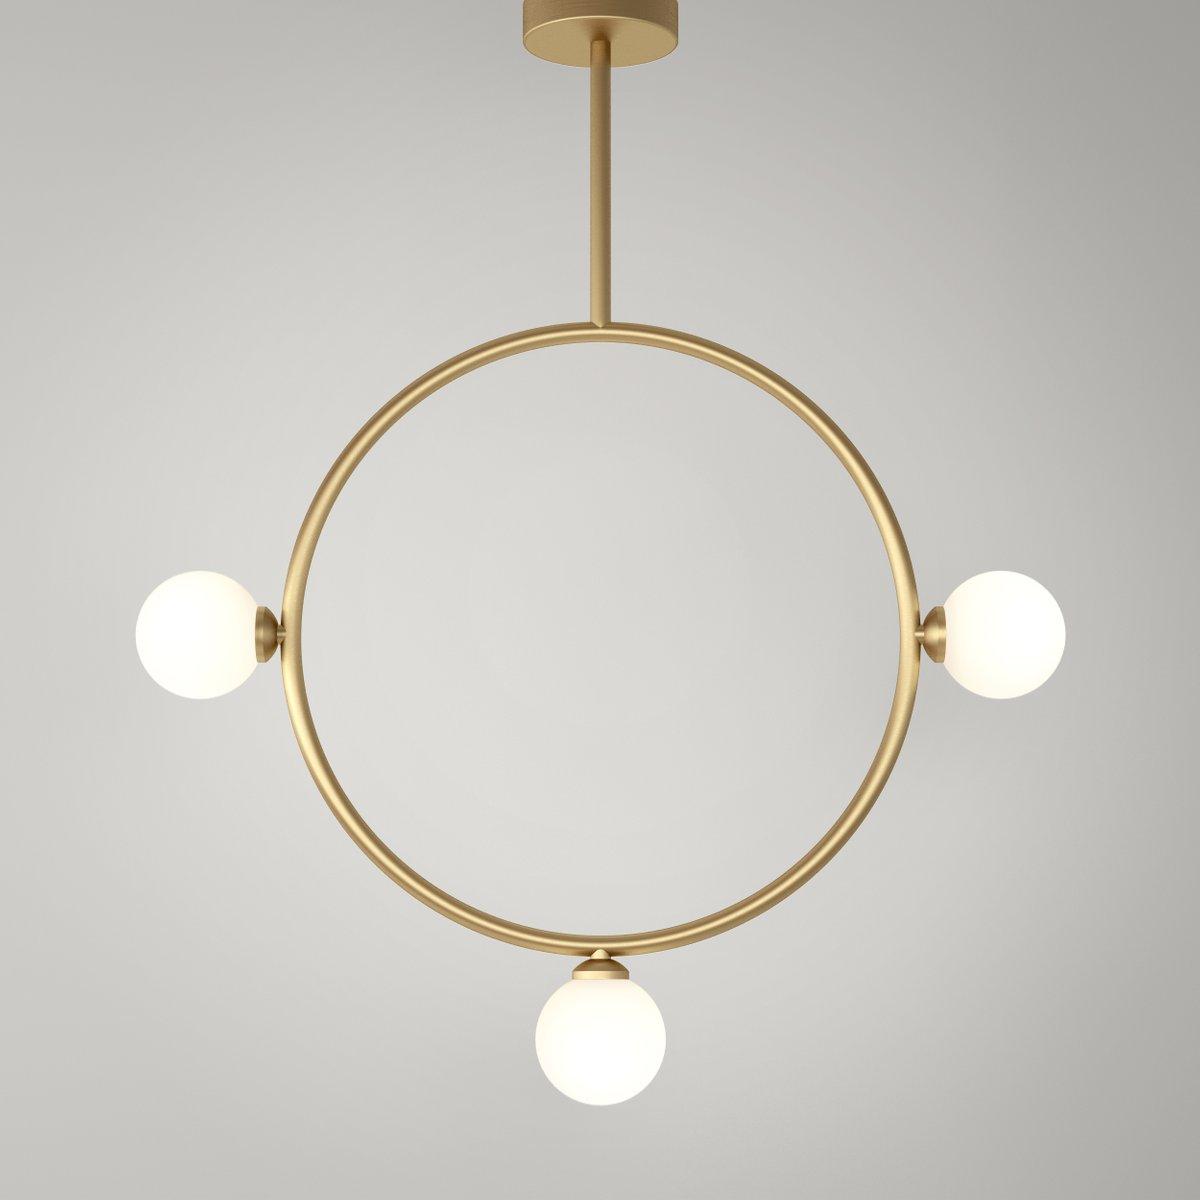 Circle Hängelampe mit 3 Glaskugeln von Atelier Areti